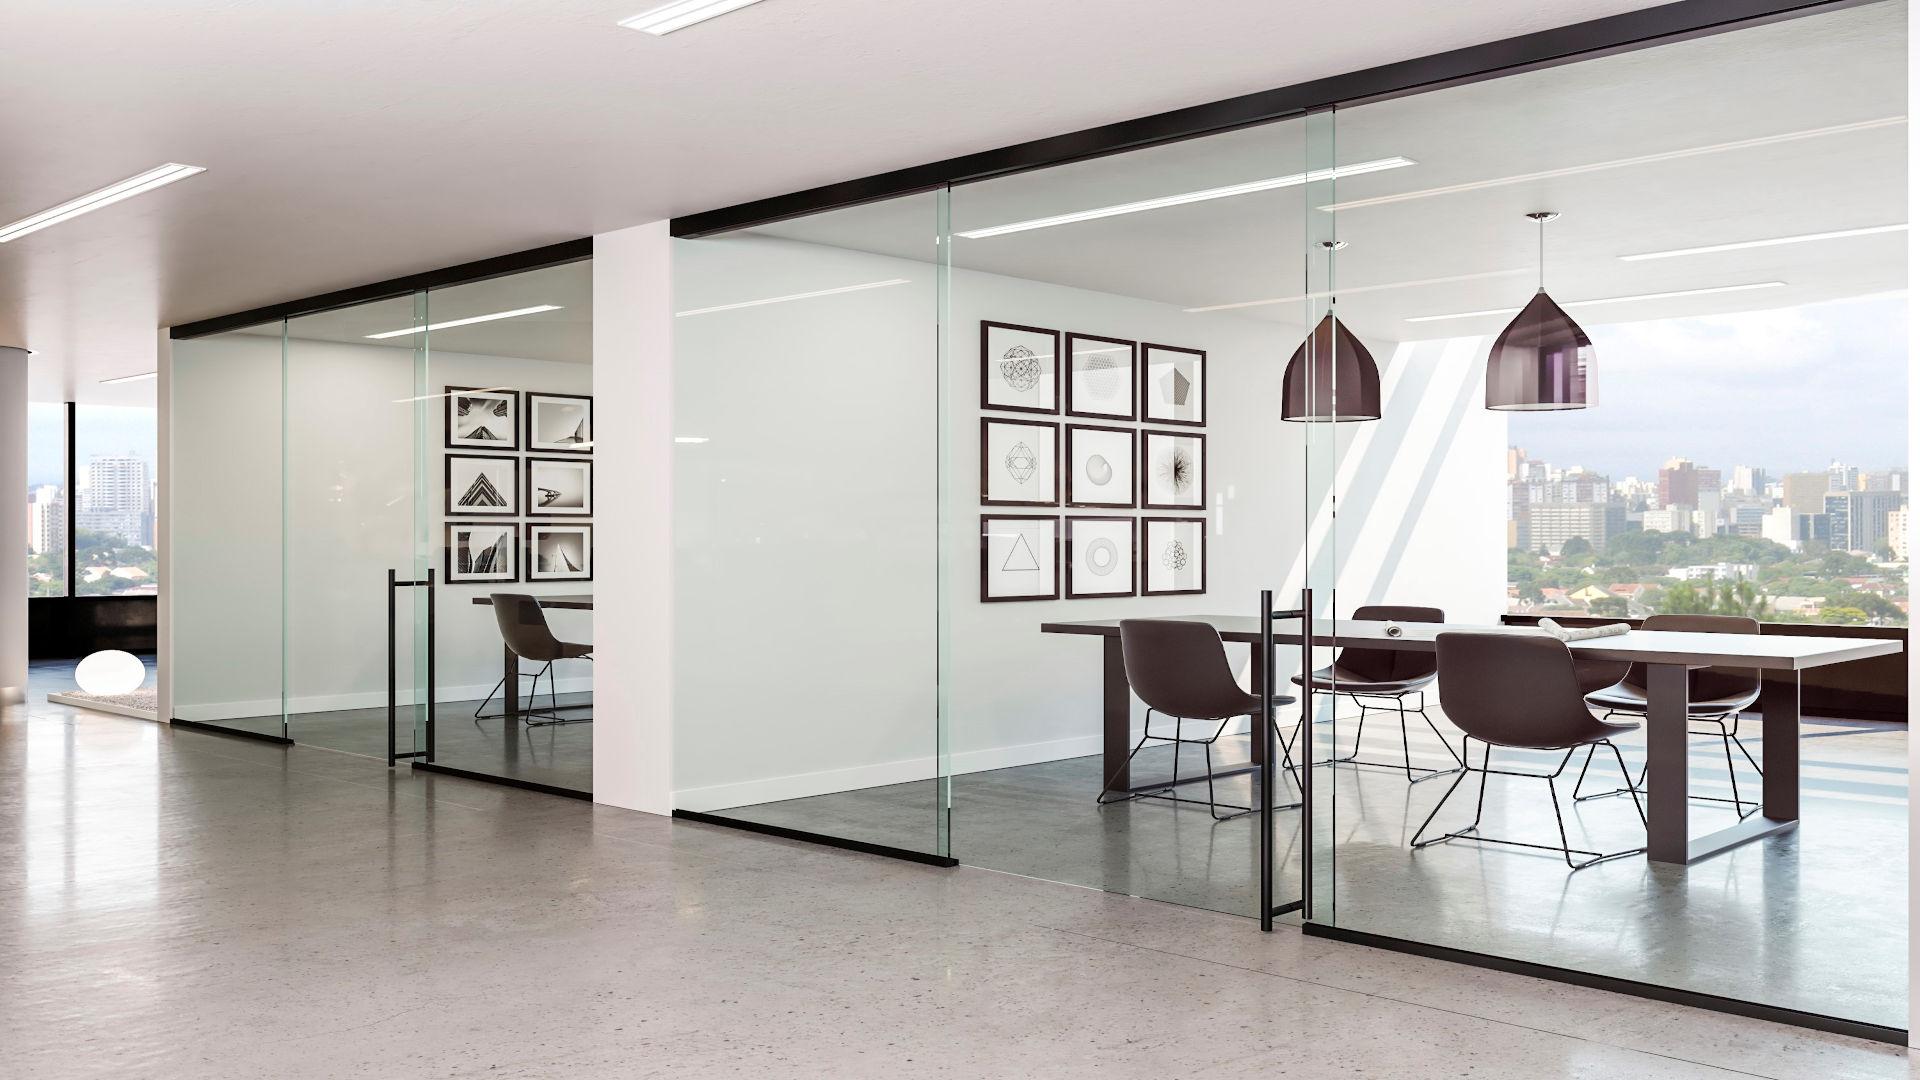 Büro mit Glasschiebetüren